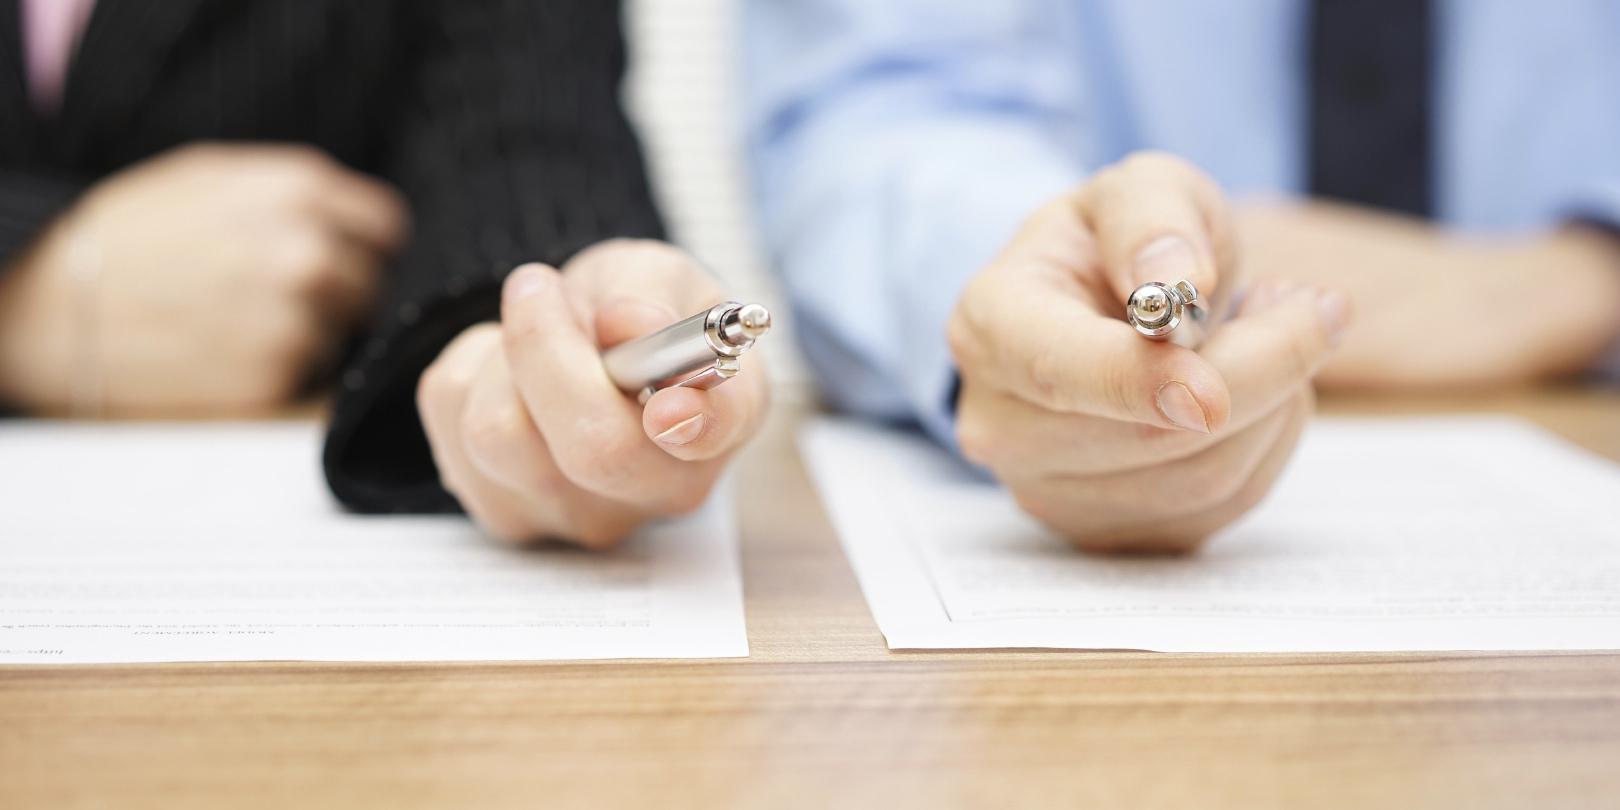 زنگ خطرهای یک پیشنهاد شغلی بد کدامند؟